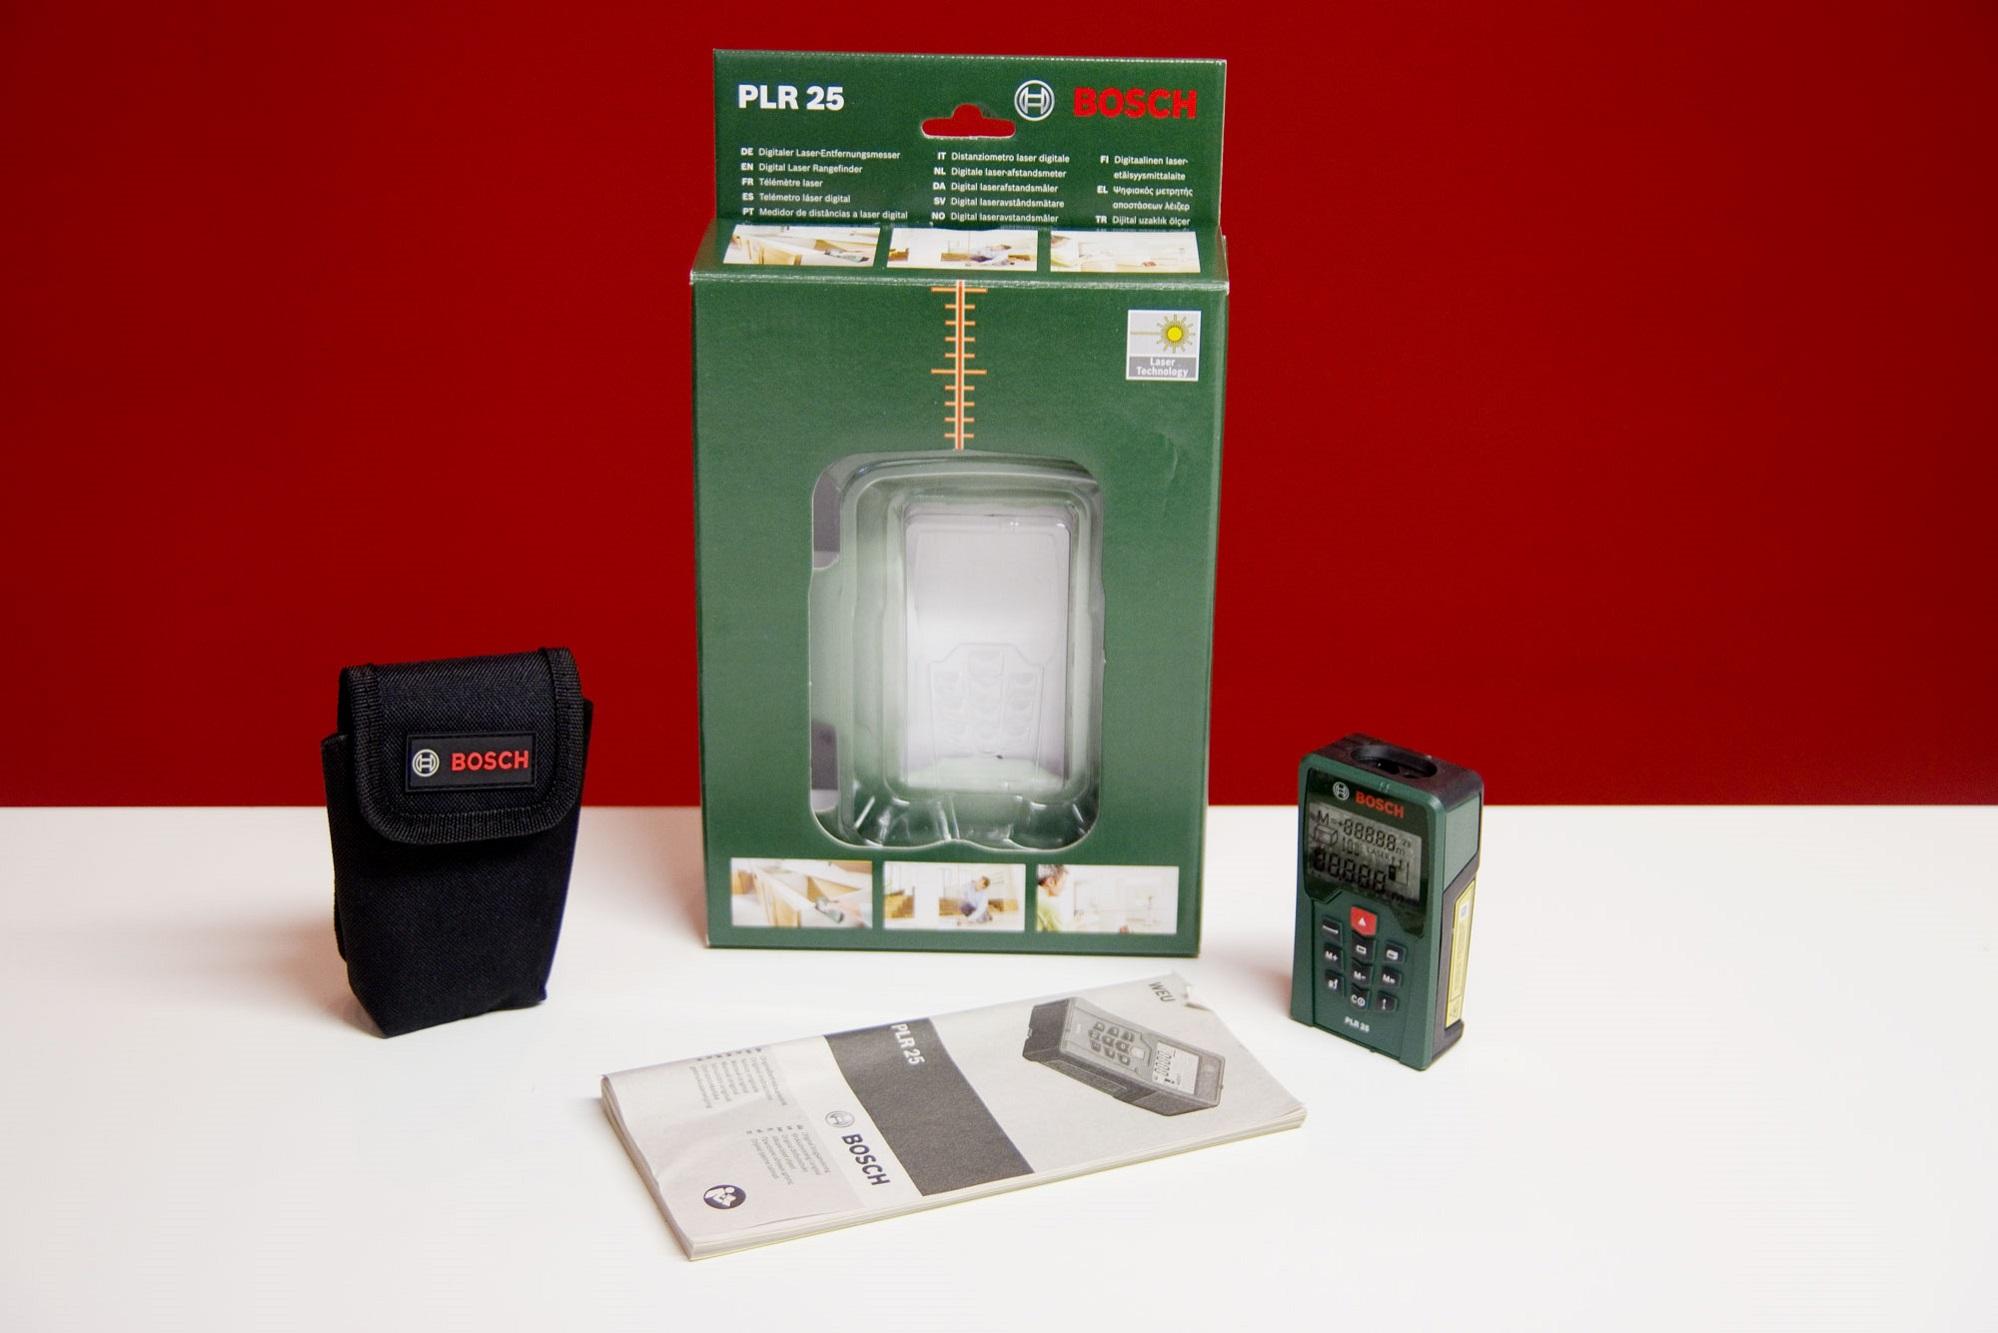 Digitaler Laser Entfernungsmesser Test : Digitaler laser entfernungsmesser test bosch plr c